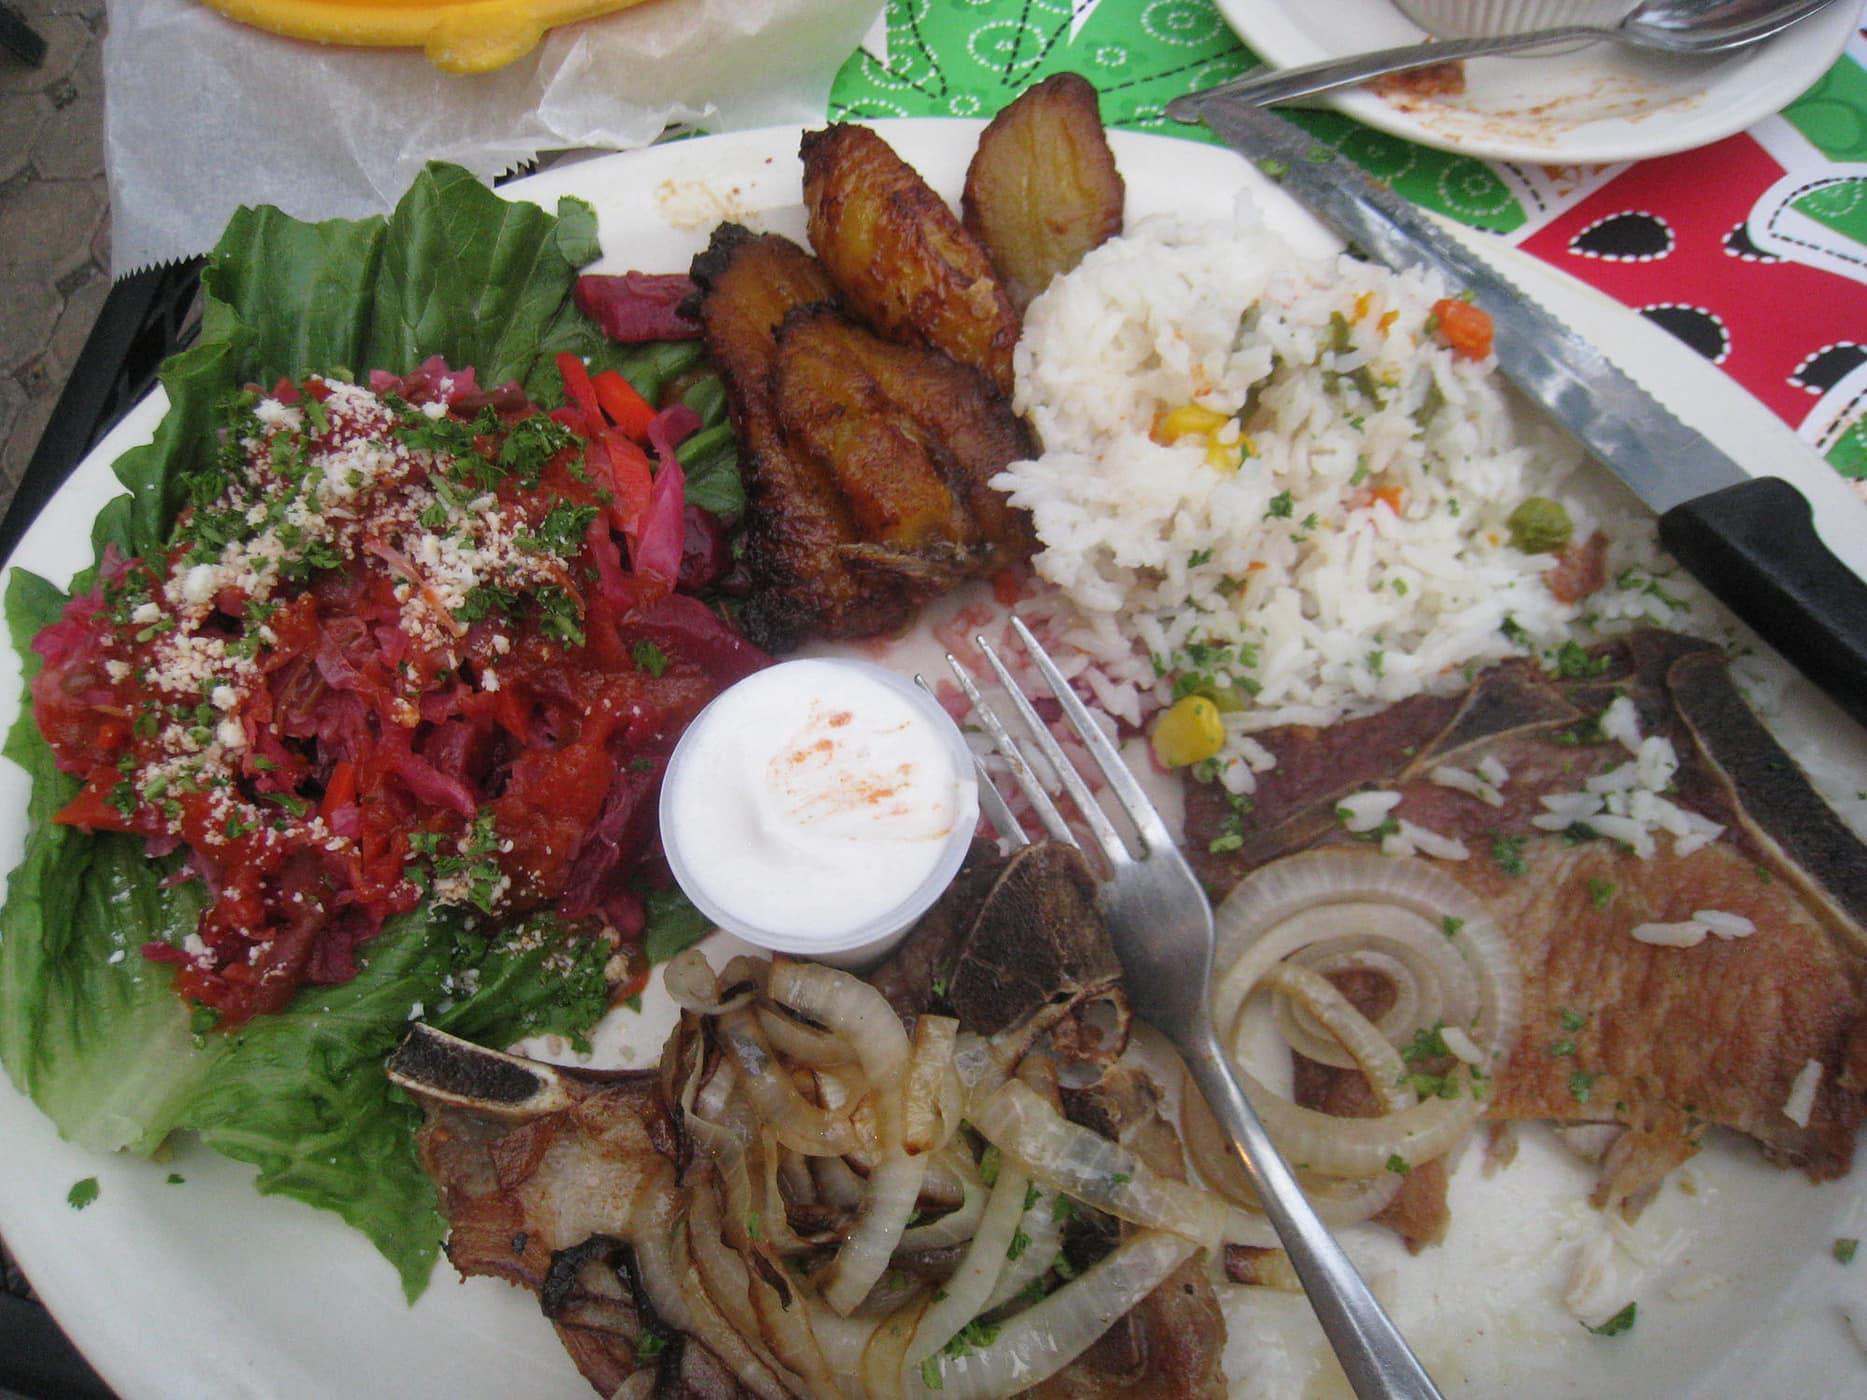 Guatemalan pork